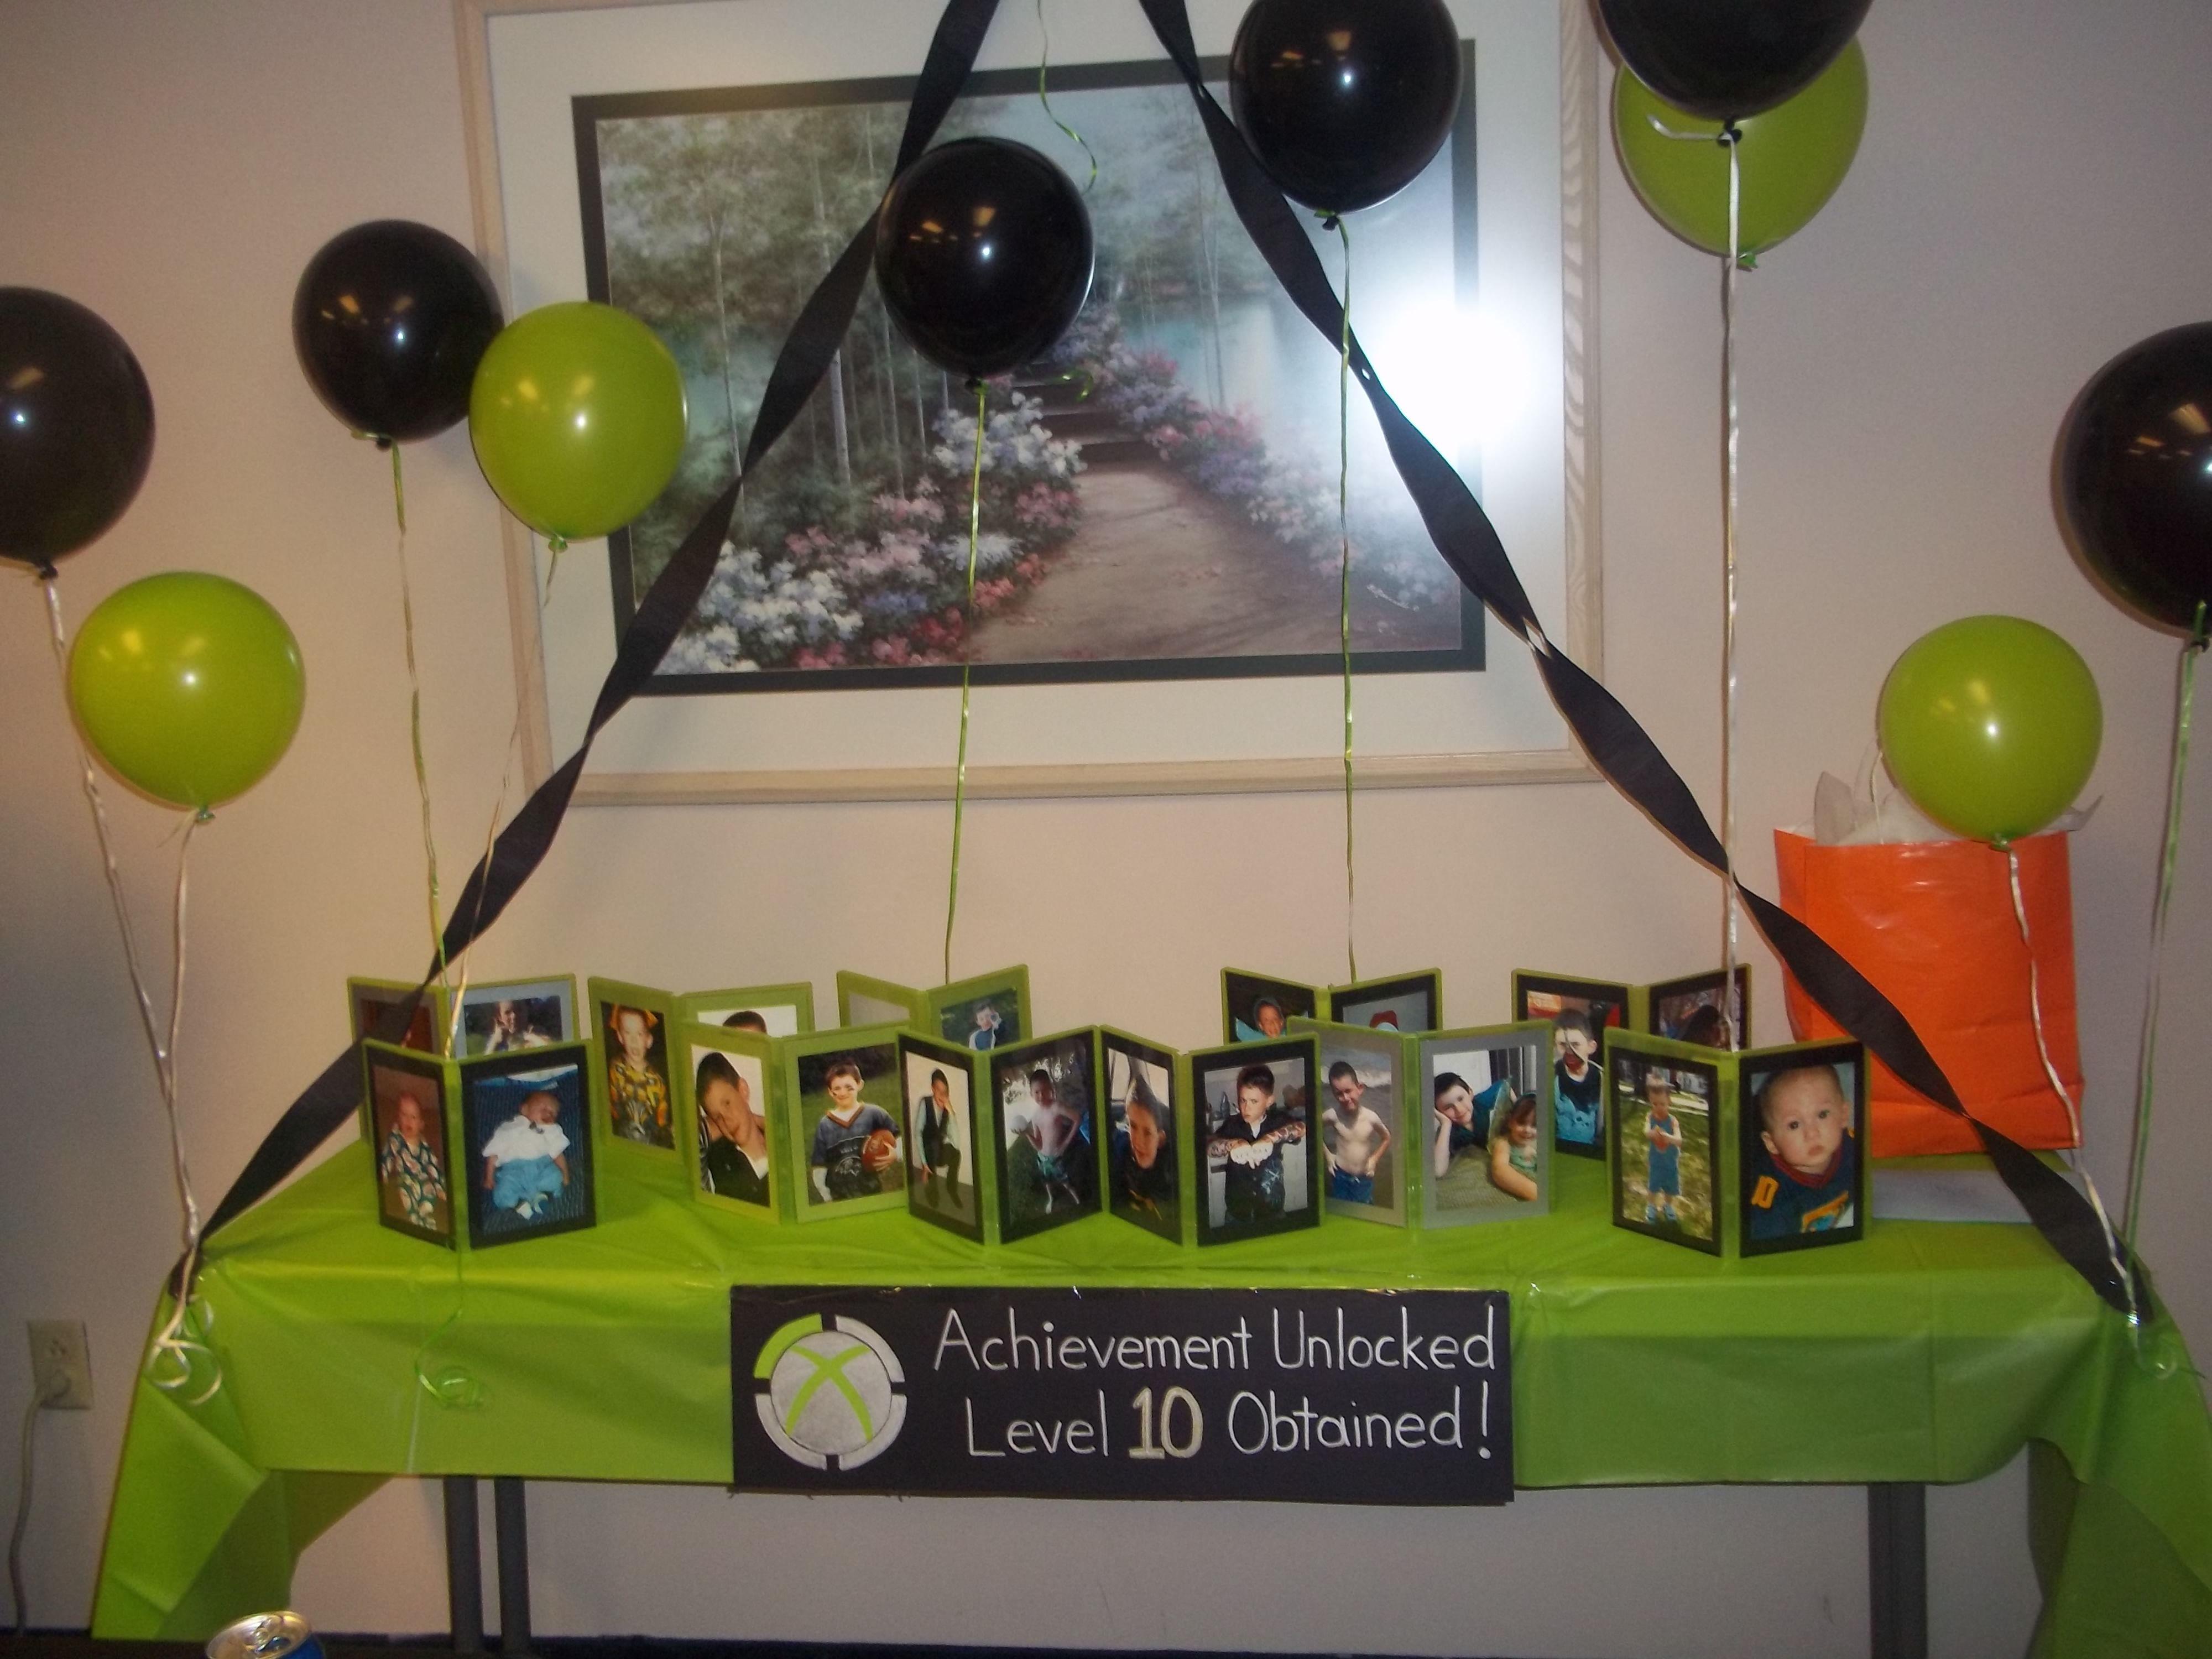 Xbox Birthday Party Game Ideas